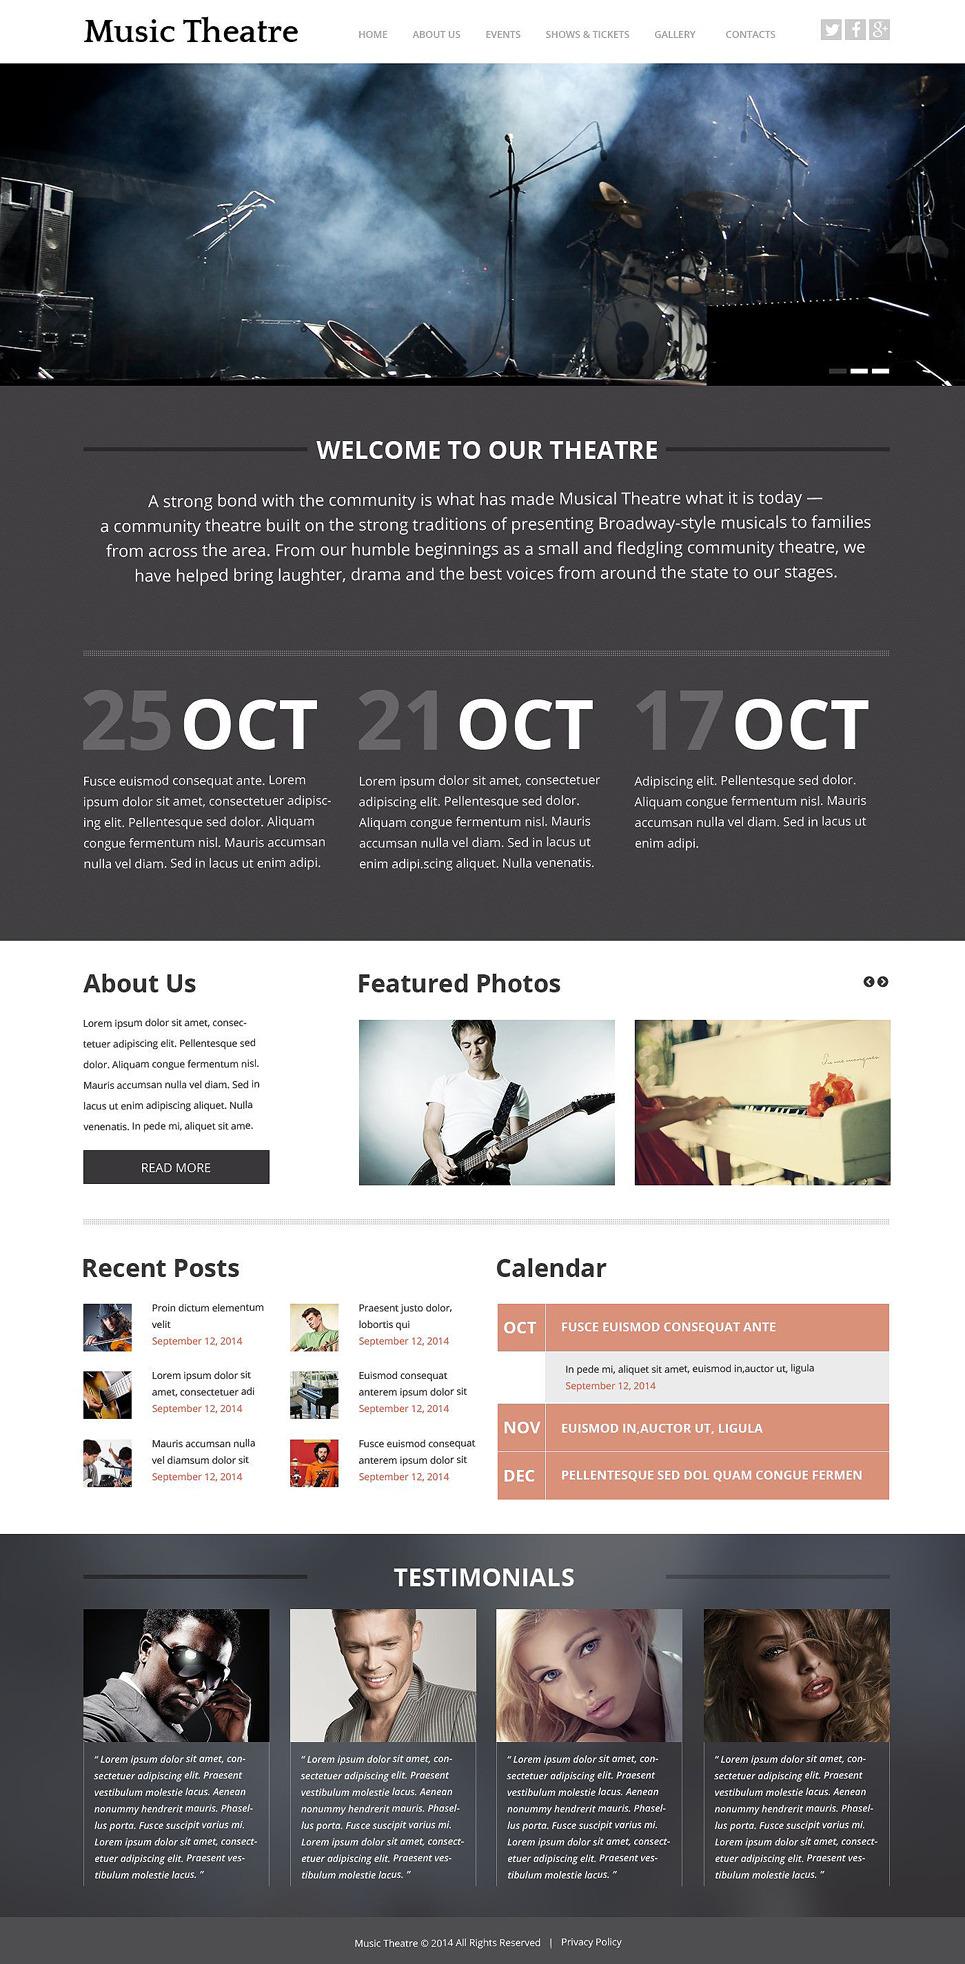 Music Theater Website Template New Screenshots BIG